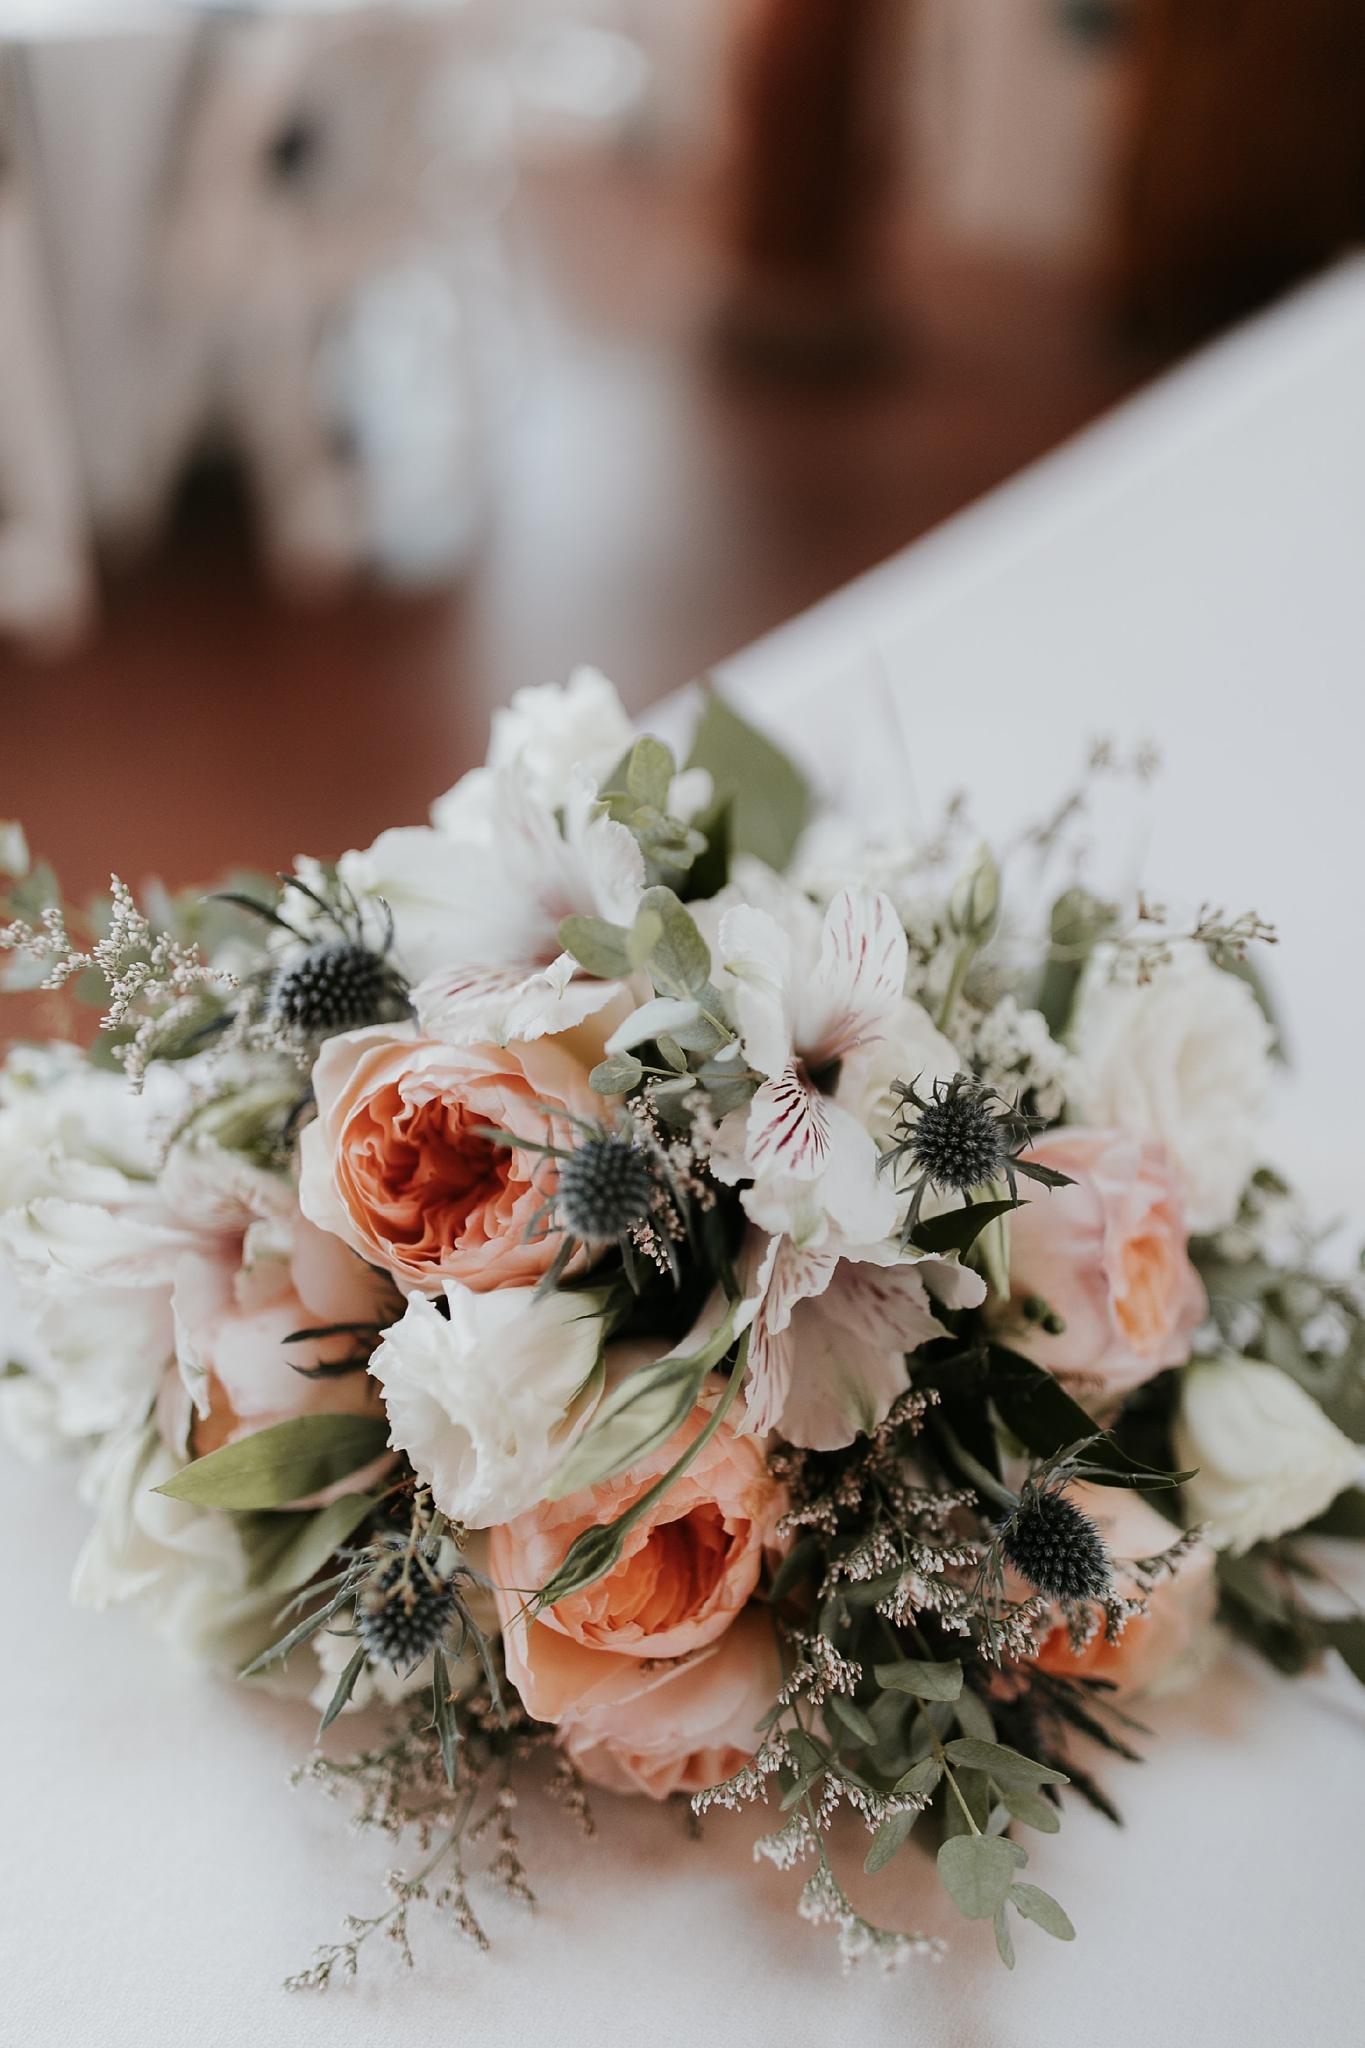 Alicia+lucia+photography+-+albuquerque+wedding+photographer+-+santa+fe+wedding+photography+-+new+mexico+wedding+photographer+-+new+mexico+wedding+-+summer+wedding+-+summer+wedding+florals+-+southwest+wedding_0116.jpg